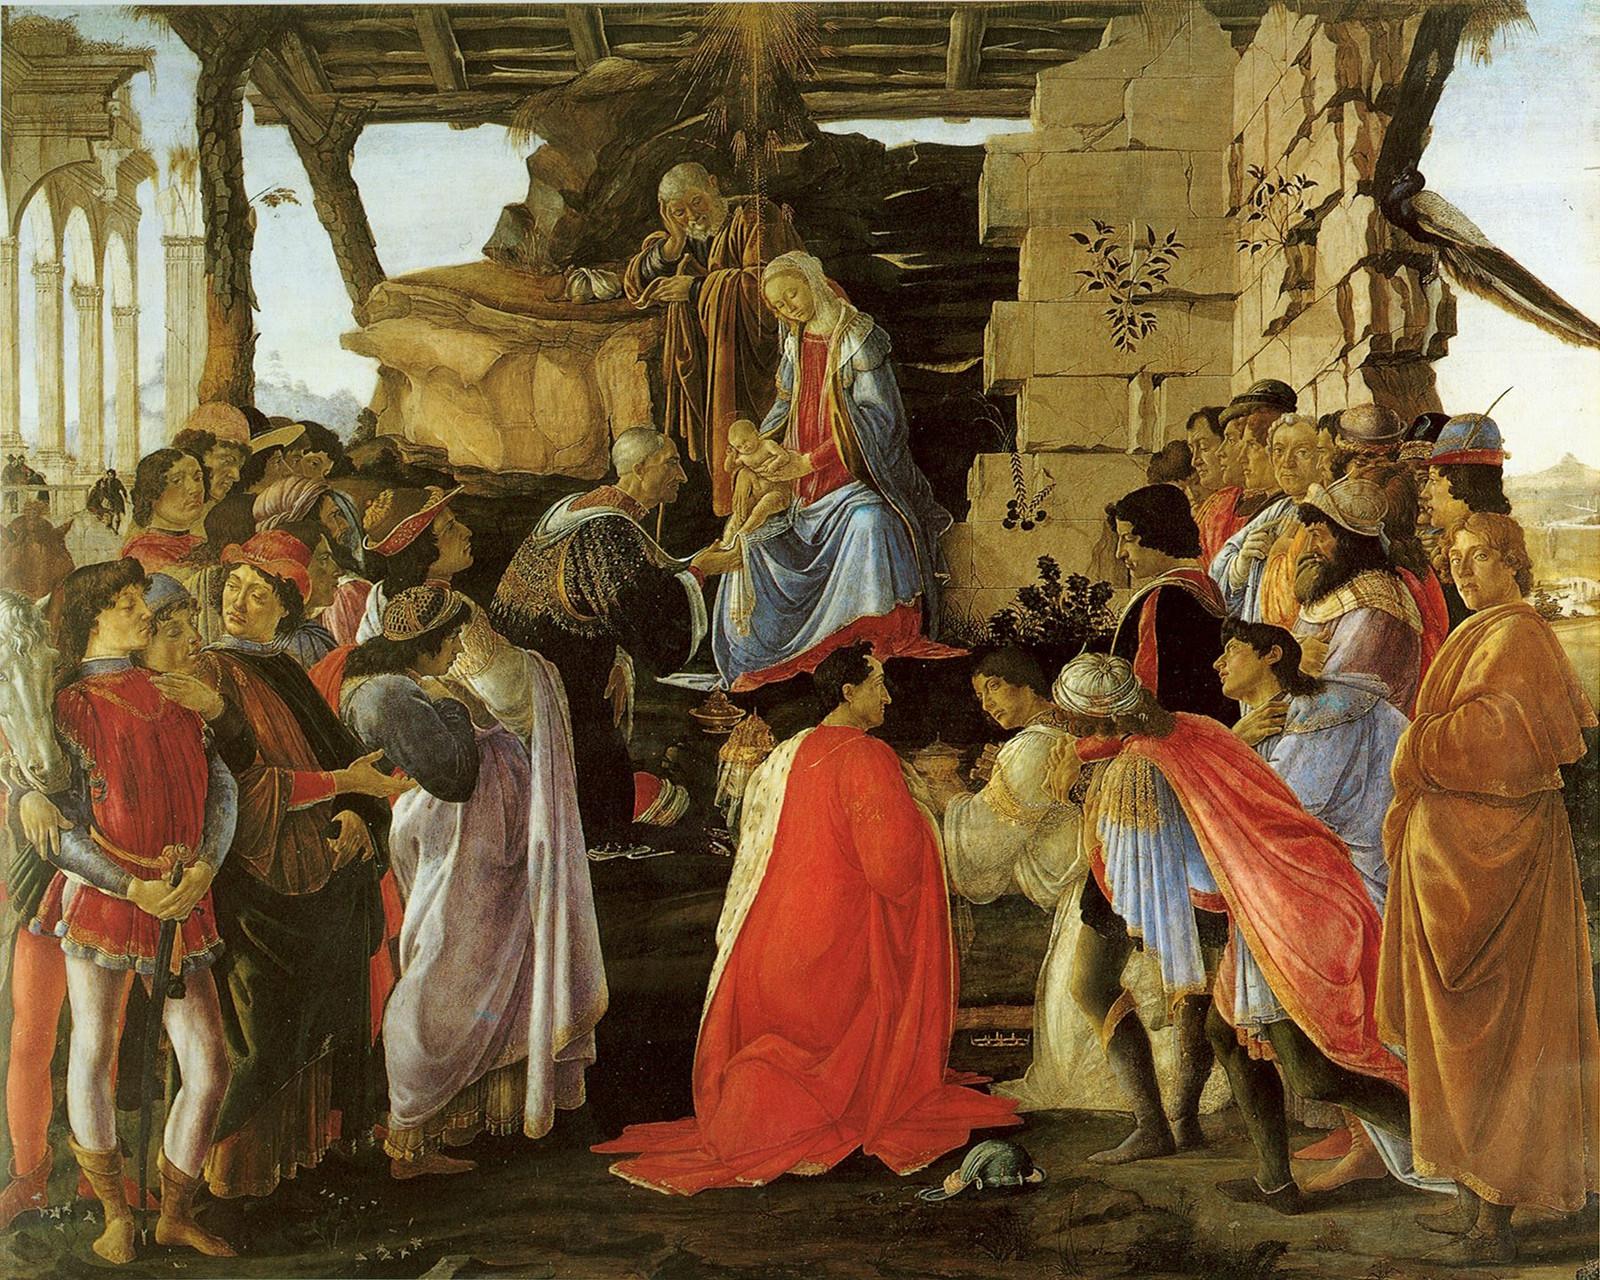 ボッティチェリ展、「書物の聖母」・・・蘇るルネサンス: 美への旅 ...